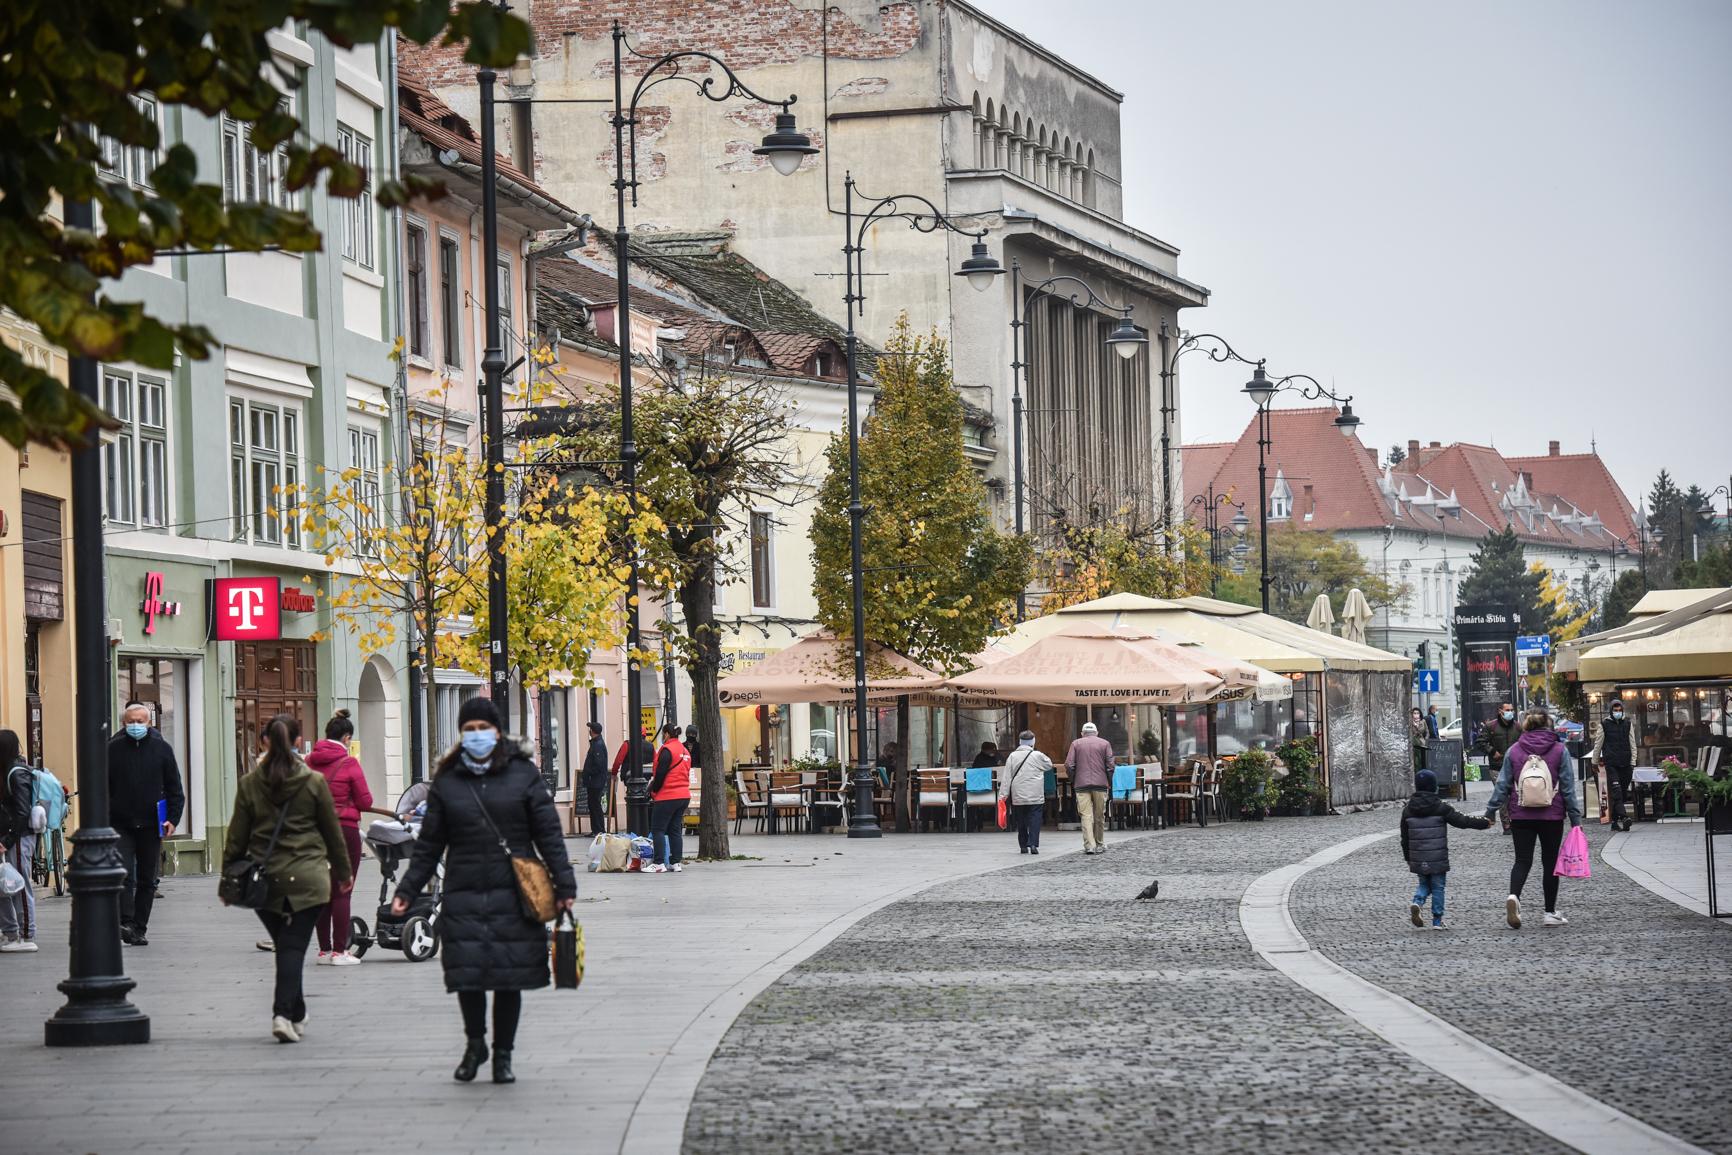 3,50 - incidența, sâmbătă, în municipiul Sibiu. Rata de infectare în județ a crescut față de ieri